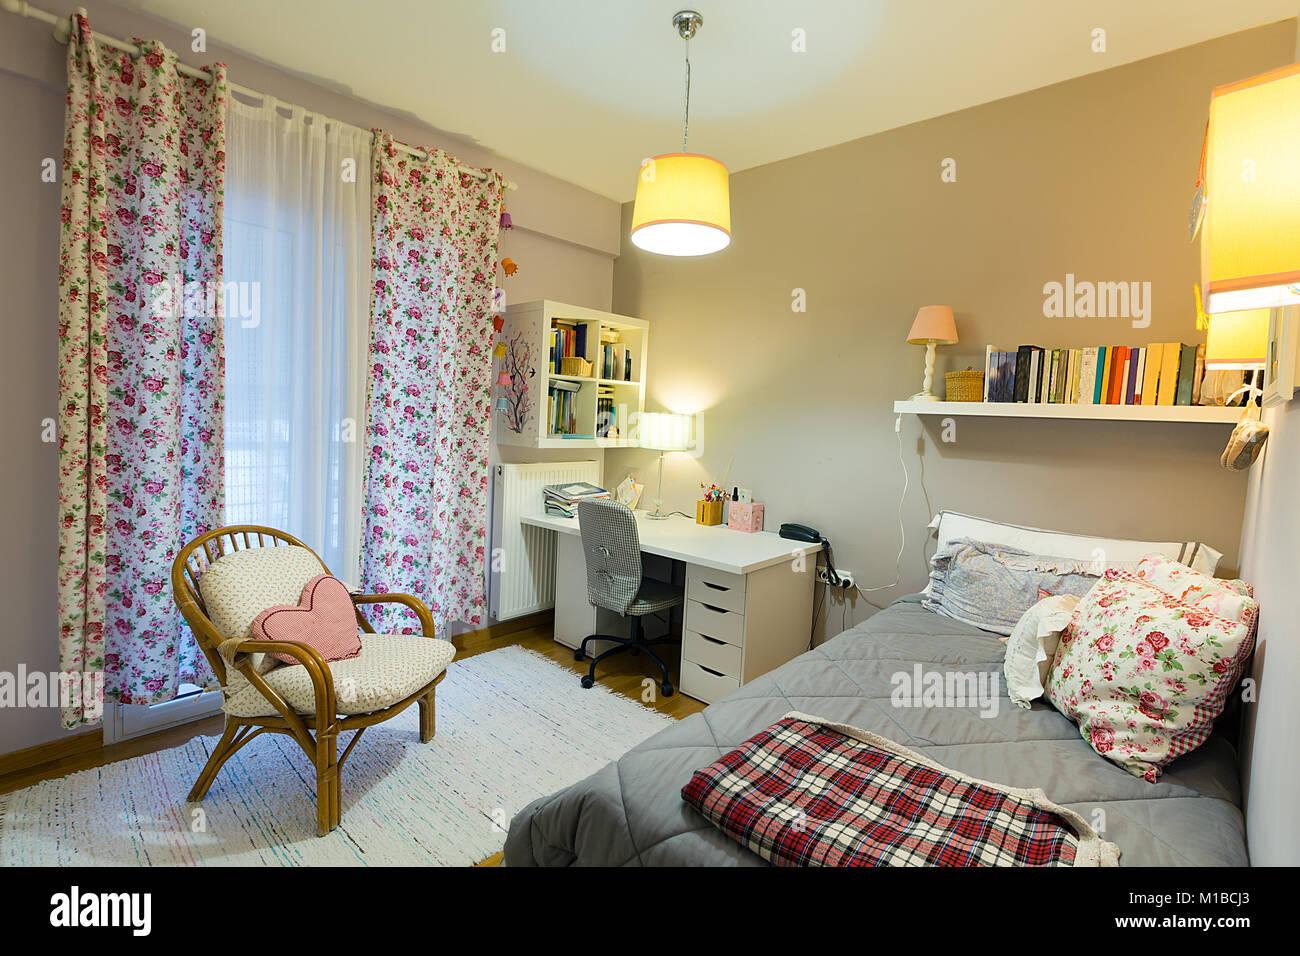 Gemütliche Einrichtung Schlafzimmer einer jungen Frau mit weißem ...